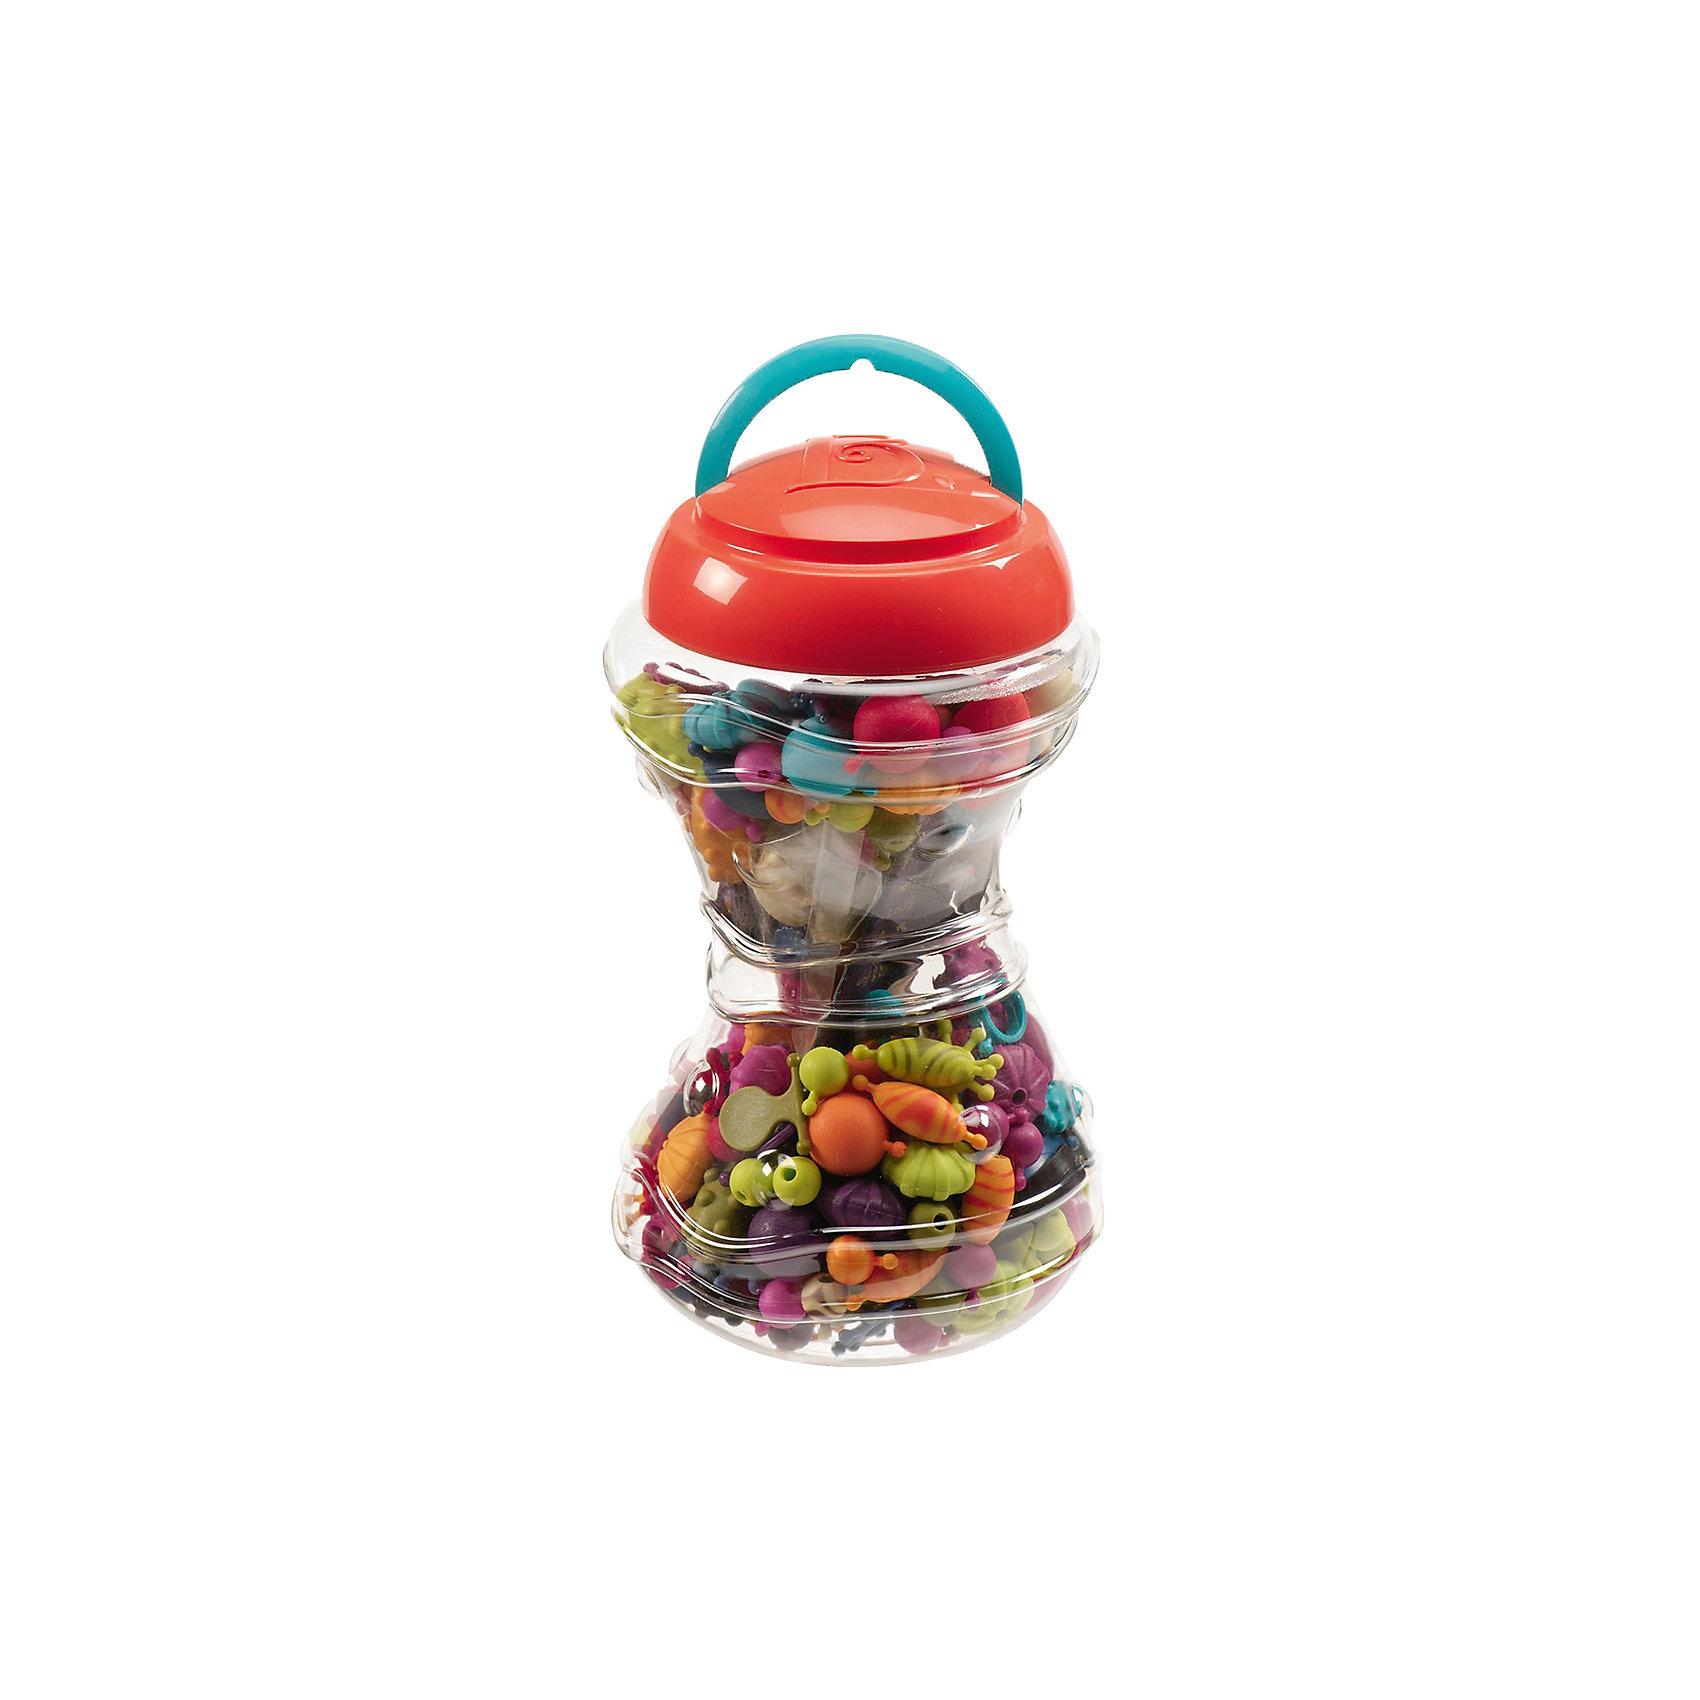 Мини-набор для детских украшений, B DOTРукоделие<br>Мини-набор для детских украшений, B DOT (Би Дот) – уникальный набор, разработанный дизайнерами канадской компании Battat. Торговый бренд B DOT  (Би Дот) – это новое поколение игрушек, отличающихся своей многофункциональностью, реалистичностью и экологически безопасными материалами. <br>Мини-набор для детских украшений, B DOT (Би Дот)  не оставит равнодушной ни одну девочку. Кто же не любит украшения? А если они еще и дизайнерские, и сделанные своими руками? Мини-набор, состоящий из 300 деталей позволит воплотить даже самые оригинальные задумки маленького дизайнера. Все элементы выполнены из экологически безопасного пластика, ярких модных оттенков, соединяются между собой без особого труда, имеют разные формы. В комплекте имеются основания для браслетов и колец. Количество возможных вариаций сборки украшений ограничено только фантазией ребенка.<br>Мини-набор для детских украшений, B DOT (Би Дот) способствует развитию мелкой моторики, воображения и фантазии, оказывает влияние на формирование чувства стиля и эстетического вкуса, учит терпению и усидчивости.<br> <br>Дополнительная информация:<br><br>- Вид игр: конструирование<br>- Предназначение: для дома<br>- Материал: пластик<br>- Комплектация: 300 деталей, в том числе 7 оснований для колец и 5 оснований для браслетов, банка с ручкой<br>- Вес: 1 кг<br>- Размер всей упаковки (Д*Ш*В): 15*25*13 см<br>- Пол: для девочек<br>- Особенности ухода: разрешается протирать сухой губкой<br><br>Подробнее:<br><br>• Для детей в возрасте: от 2 лет<br>• Страна производитель: Китай<br>• Торговый бренд: B DOT<br><br>Мини-набор для детских украшений, B DOT (Би Дот), цвета в ассортименте можно купить в нашем интернет-магазине.<br><br>Ширина мм: 13<br>Глубина мм: 13<br>Высота мм: 23<br>Вес г: 1080<br>Возраст от месяцев: 24<br>Возраст до месяцев: 2147483647<br>Пол: Унисекс<br>Возраст: Детский<br>SKU: 4871801